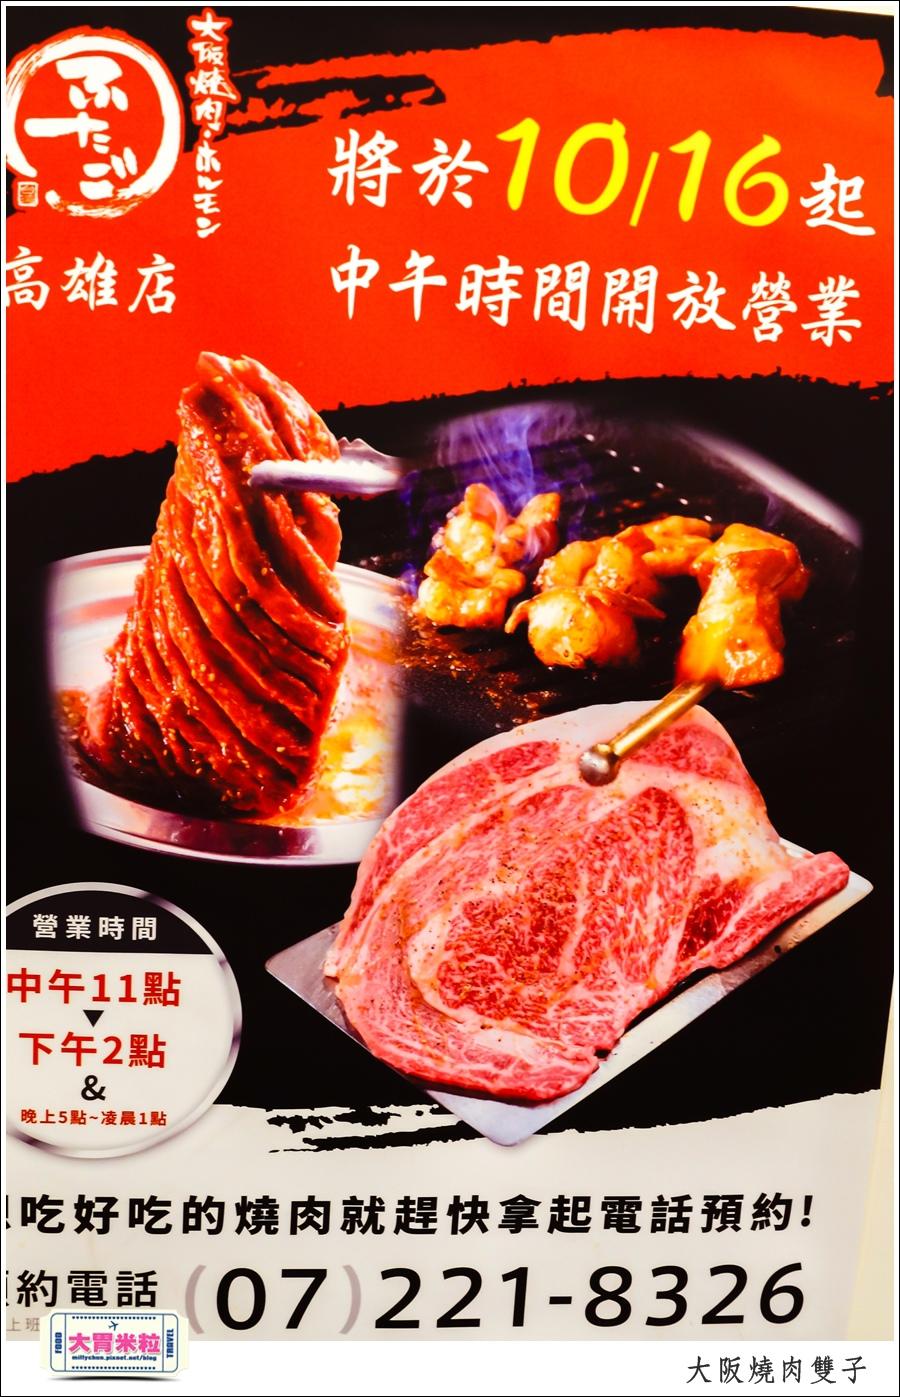 高雄單點燒肉推薦@大阪燒肉雙子高雄店@大胃米粒0111.jpg